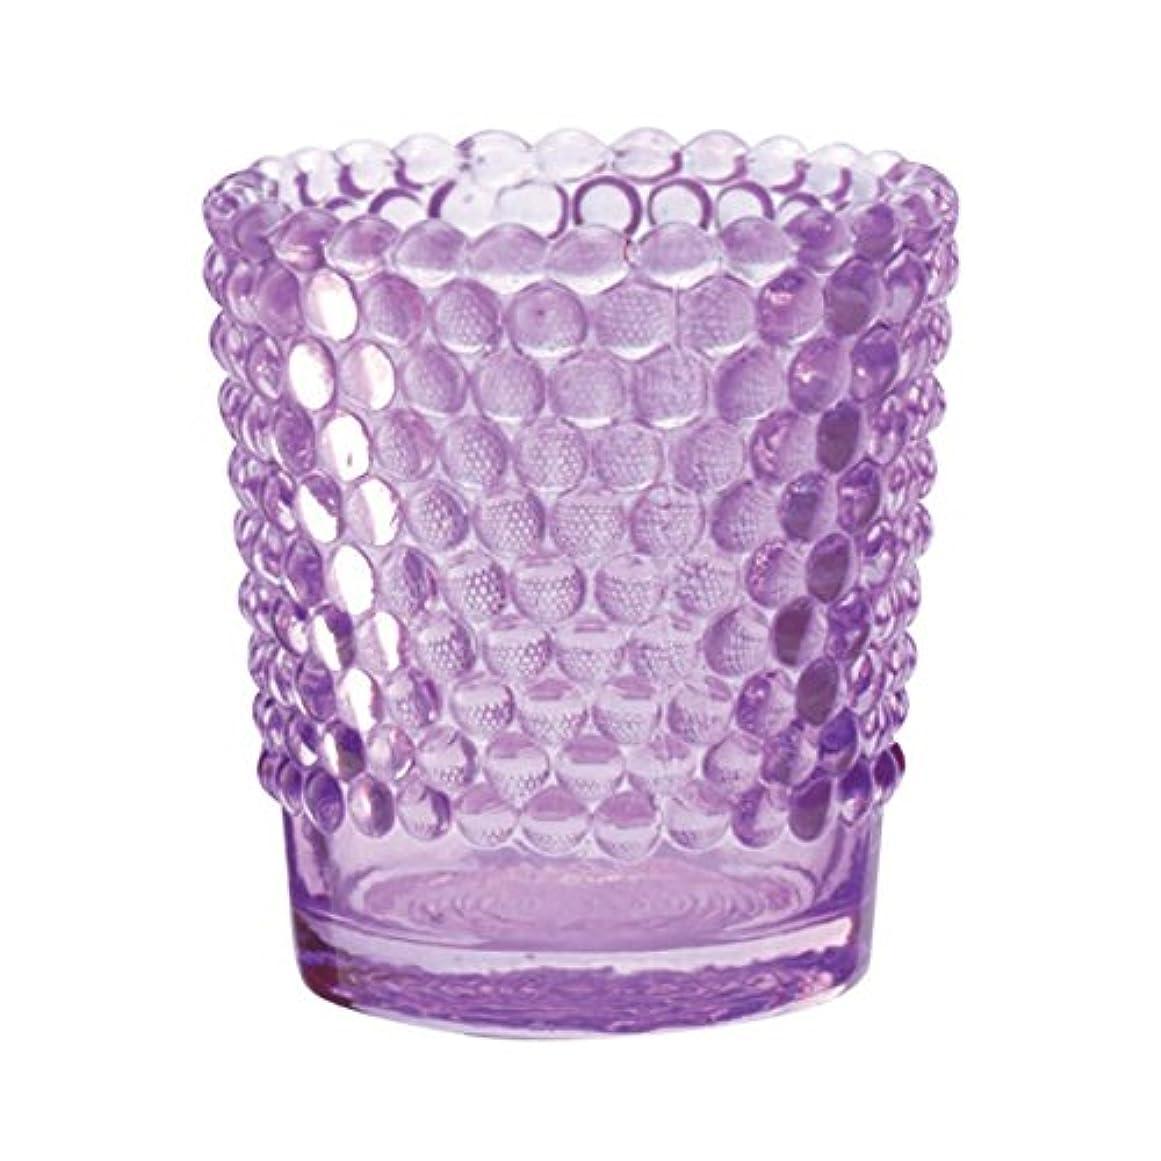 ガラスいわゆるフォーカス[ヤンキーキャンドル] YANKEE CANDLE 正規販売店 ホビネルグラス アメジスト (S77400000AT 4901435960203)